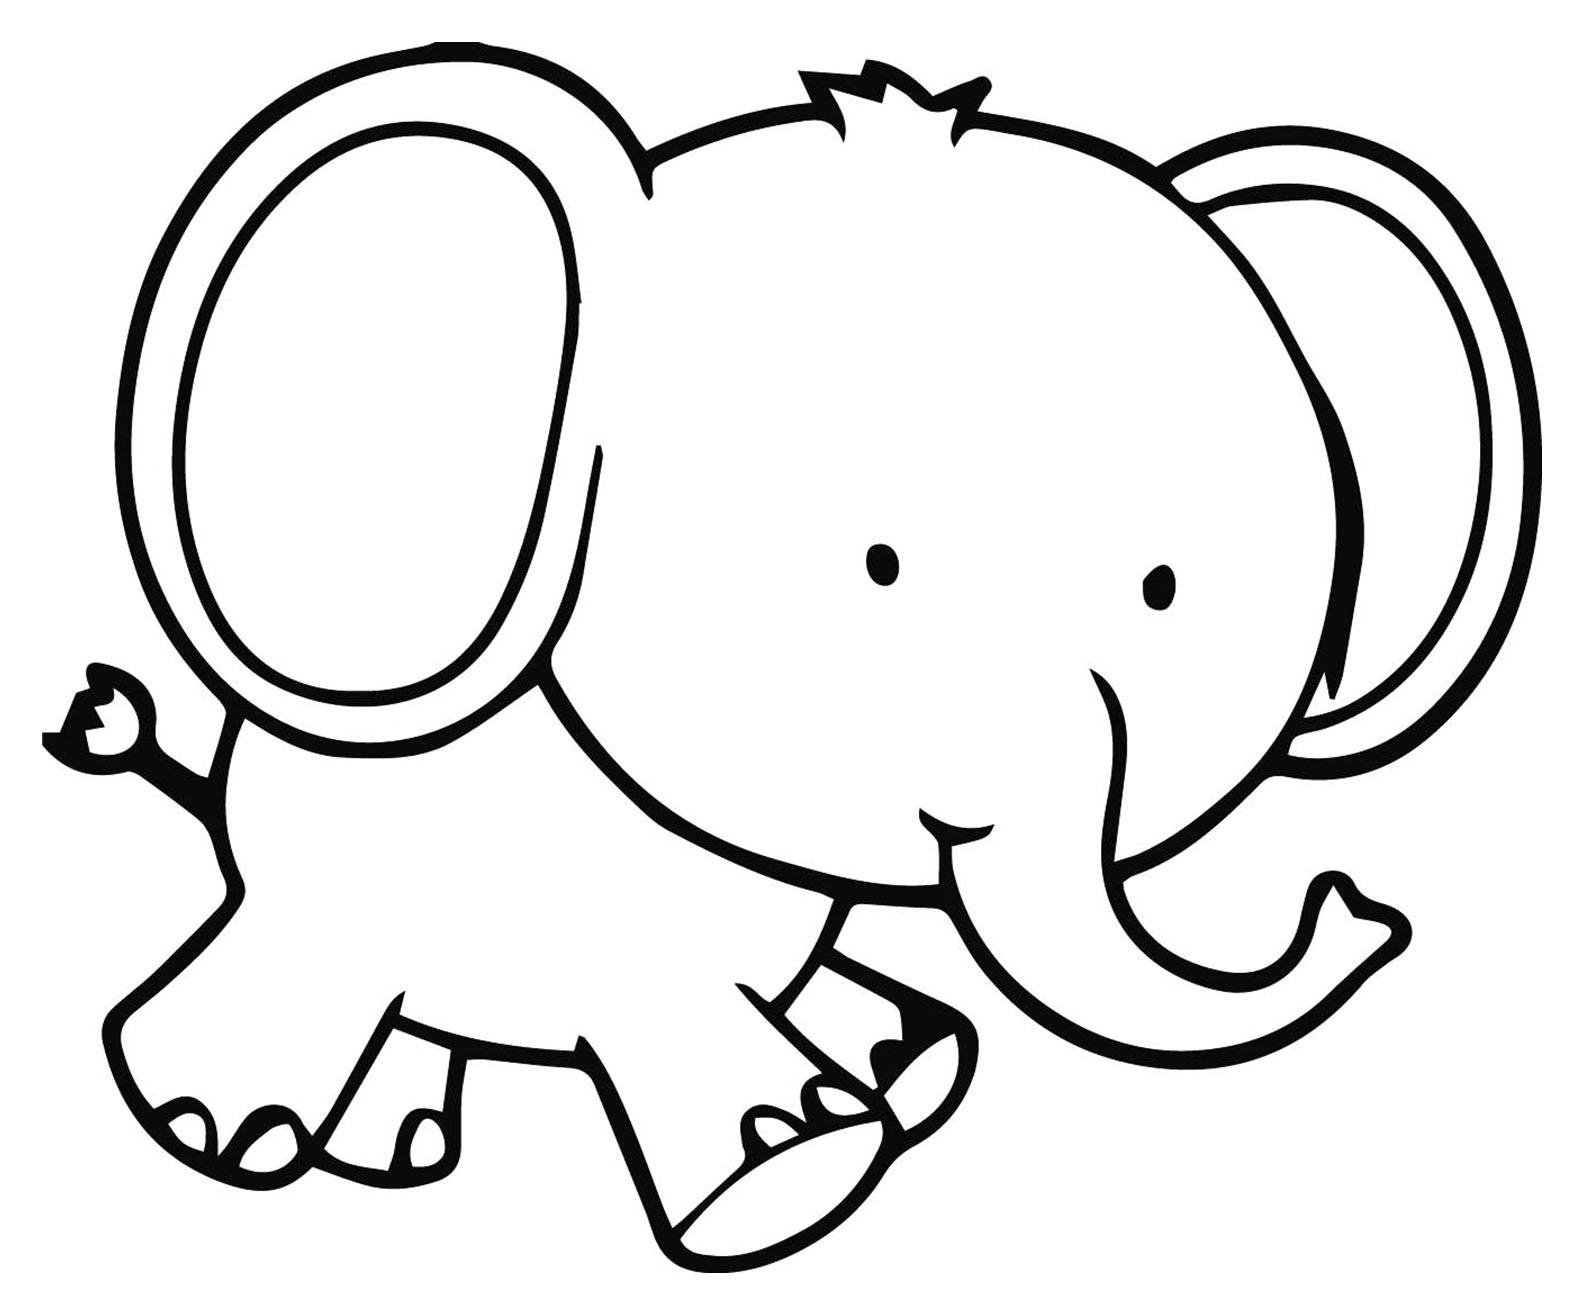 Coloriage D'éléphant À Imprimer - Coloriage D'éléphants à Dessin Pour Enfant À Colorier